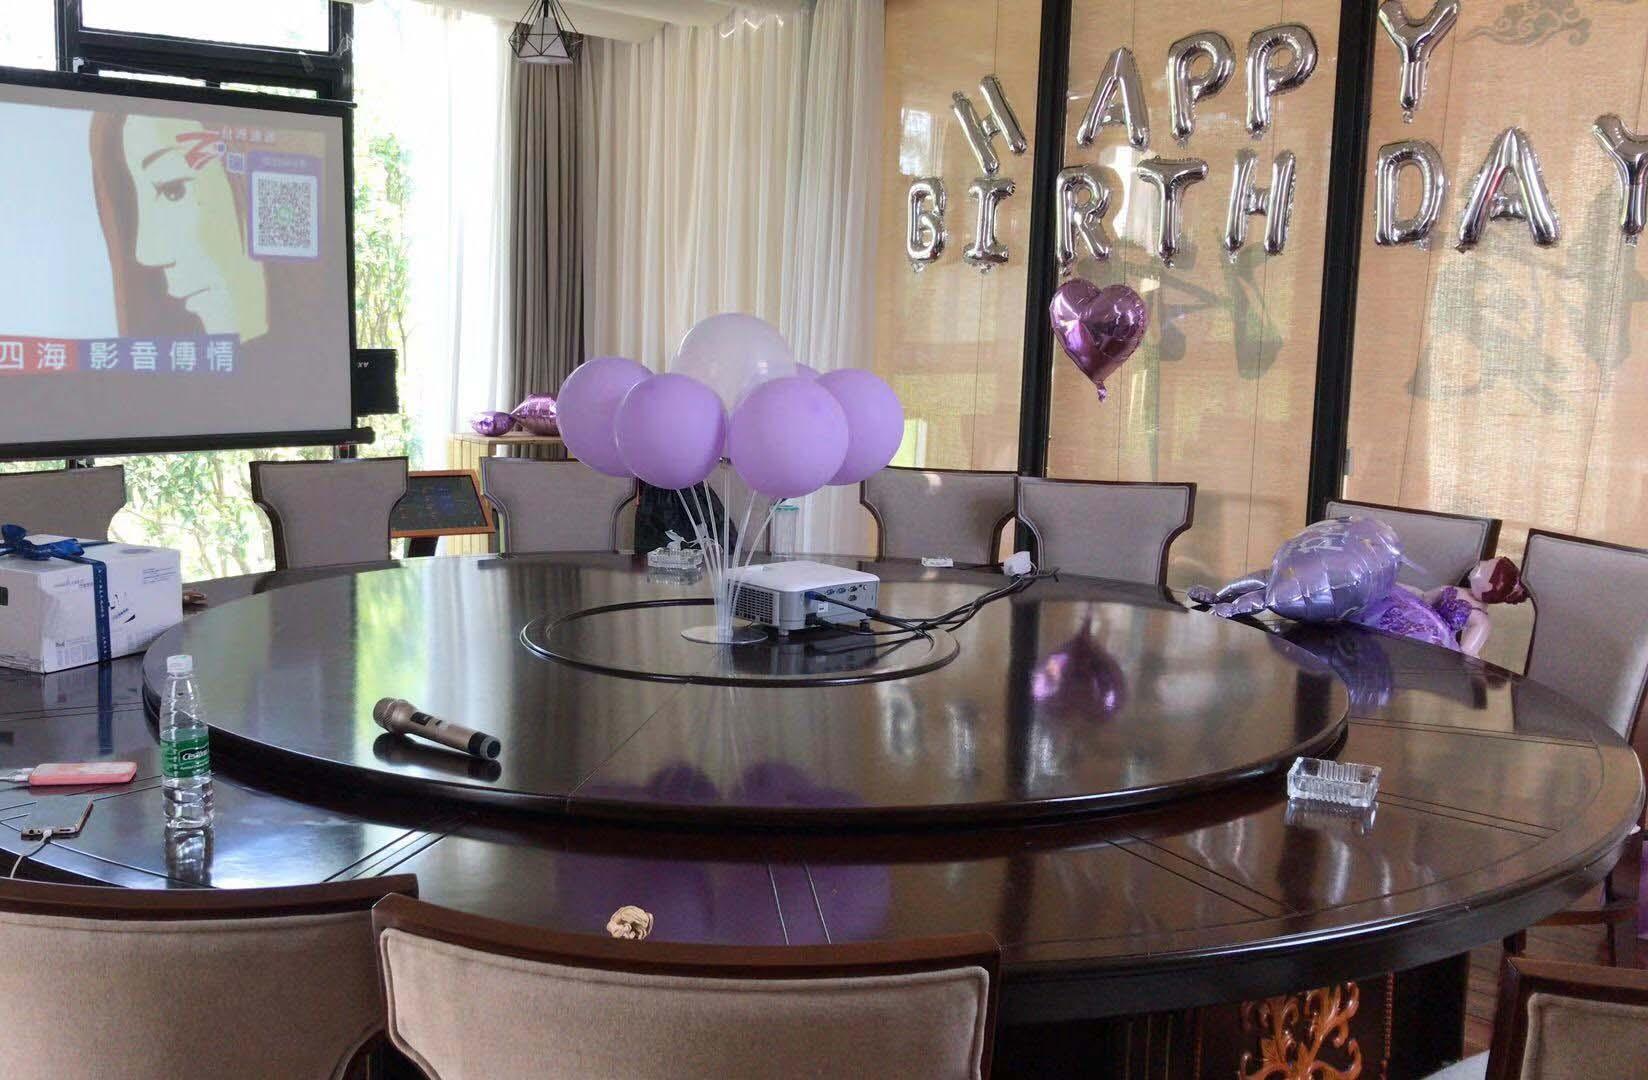 针对小朋友应该怎么进行成都生日派对策划?